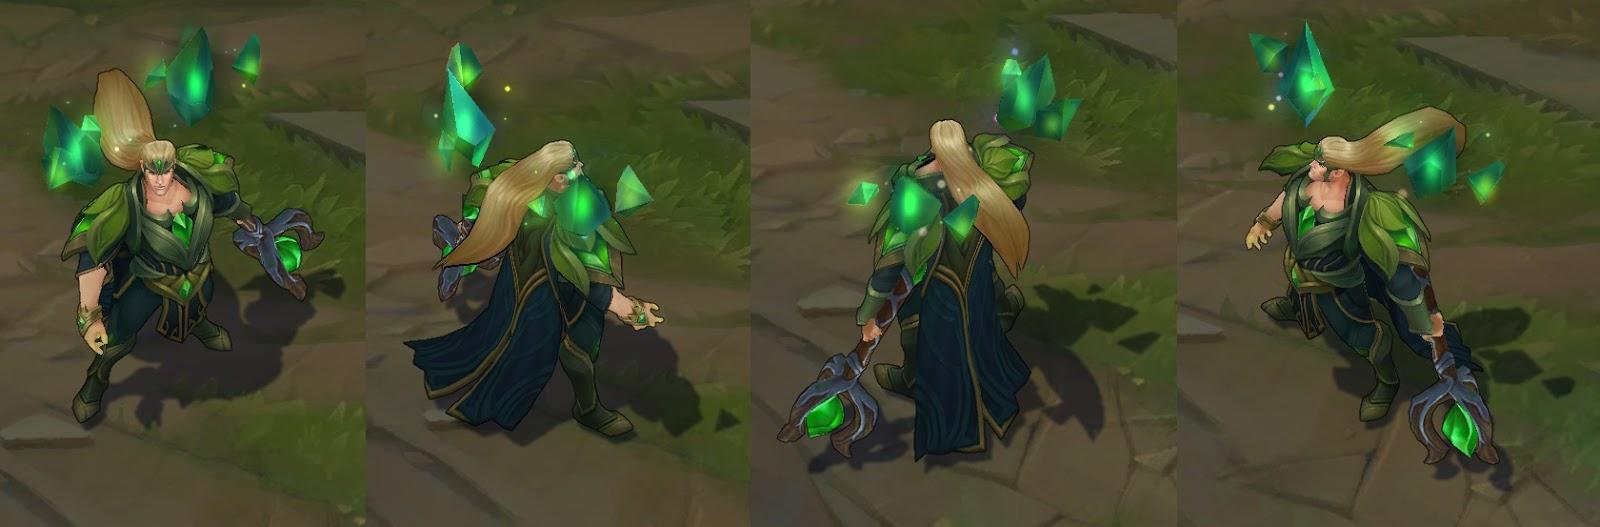 Emerald Taric - LeagueSales